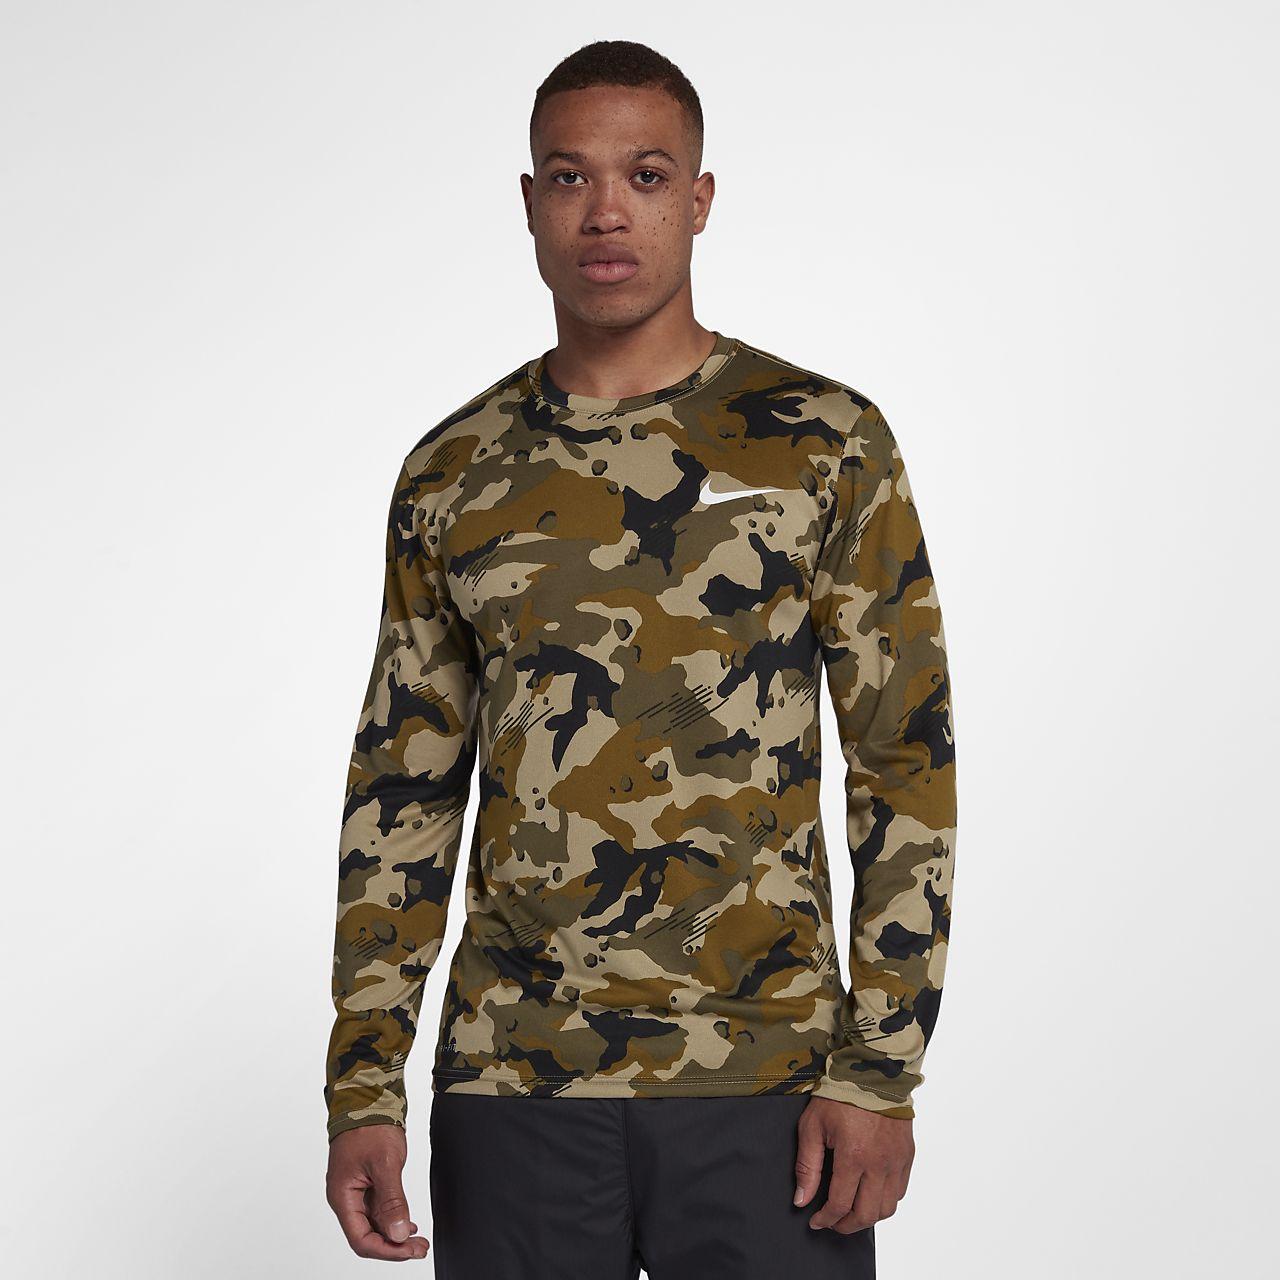 Långärmad tröja Nike Dri-FIT Legend med kamouflagetryck för män